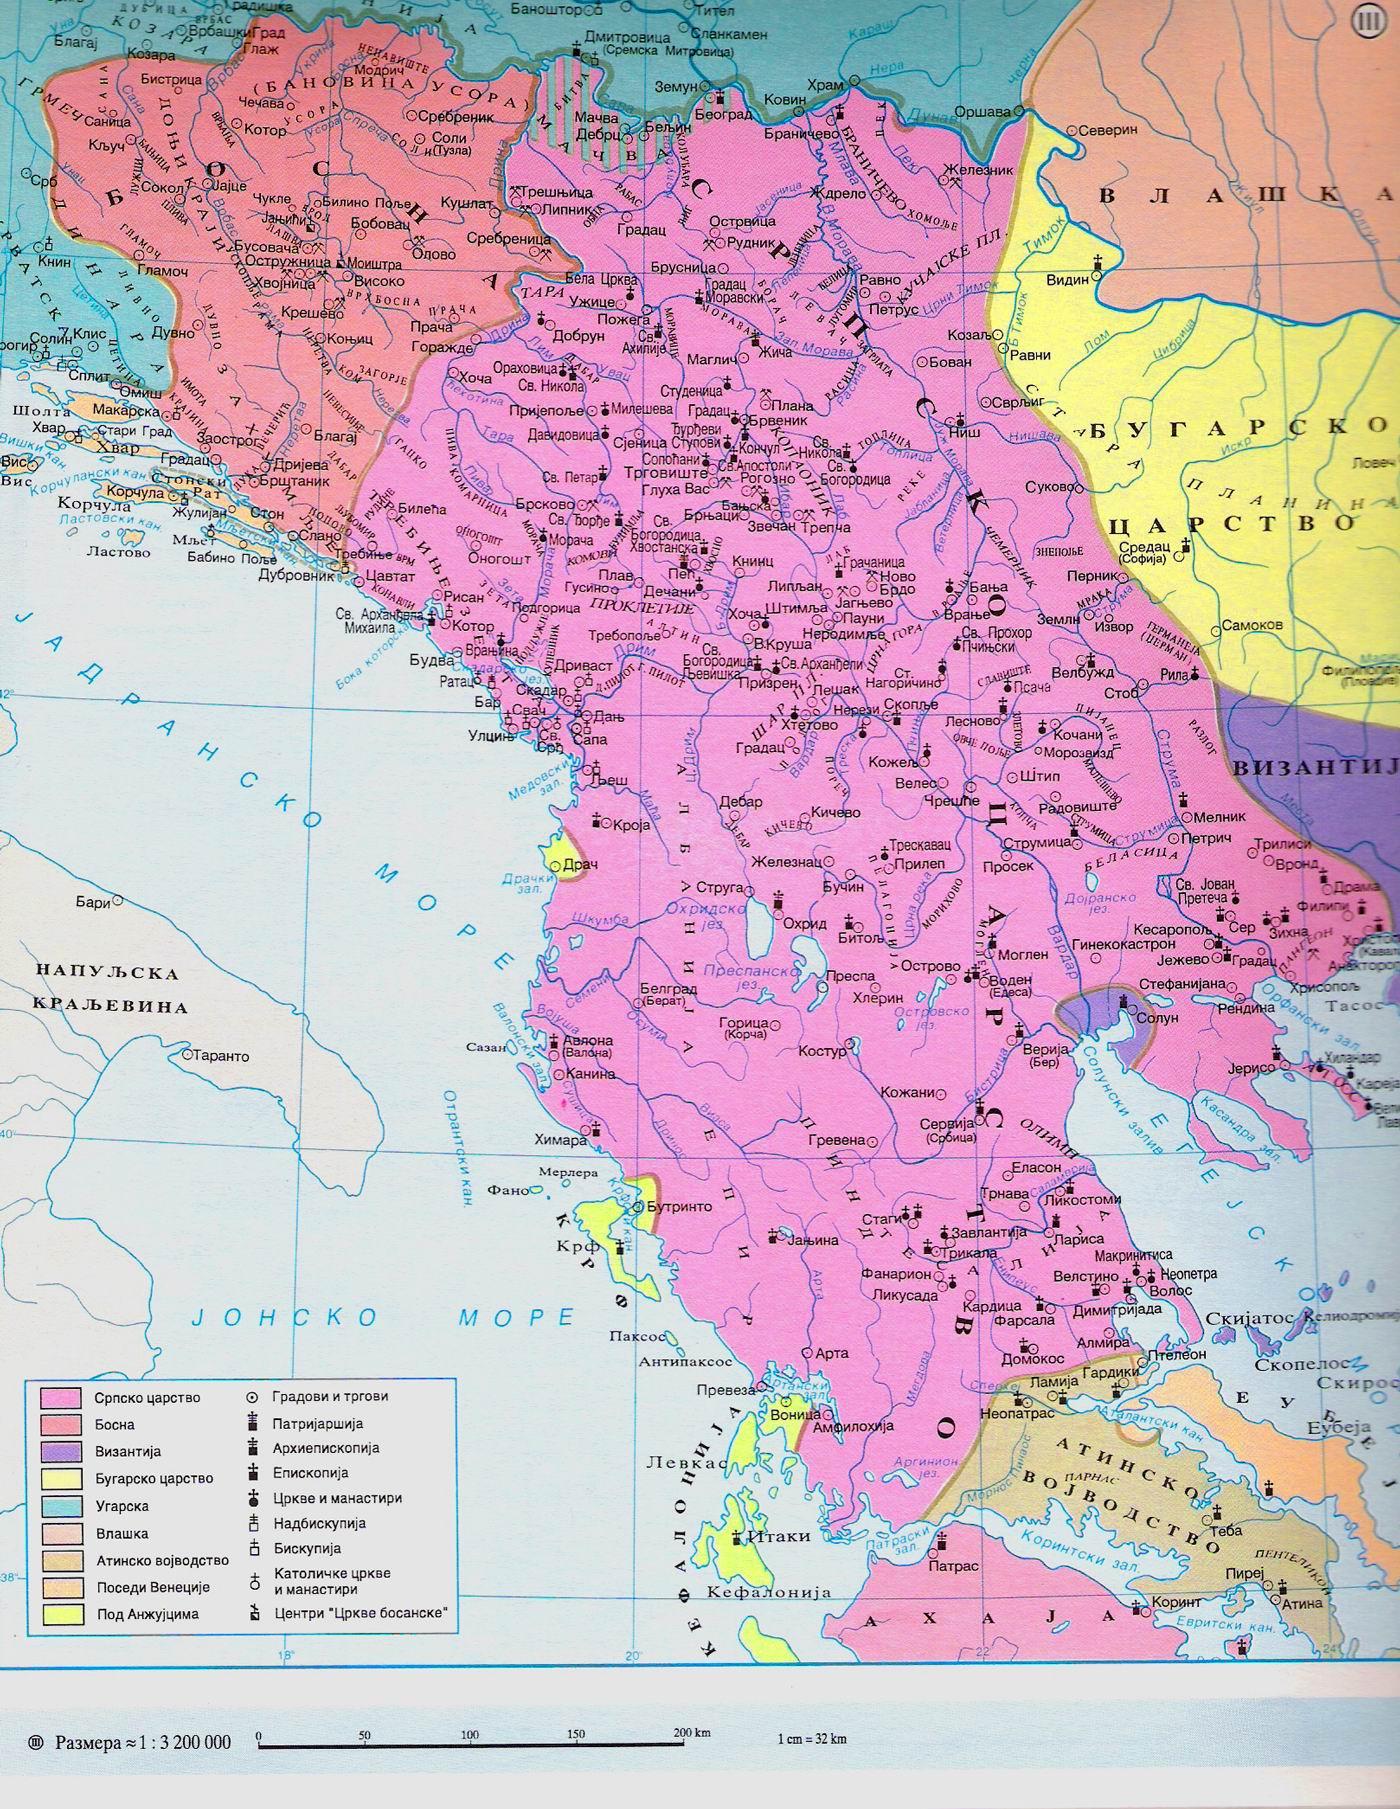 estensione-dellimpero-serbo-al-tempo-dello-zar-stefano-dusan-1331-1355